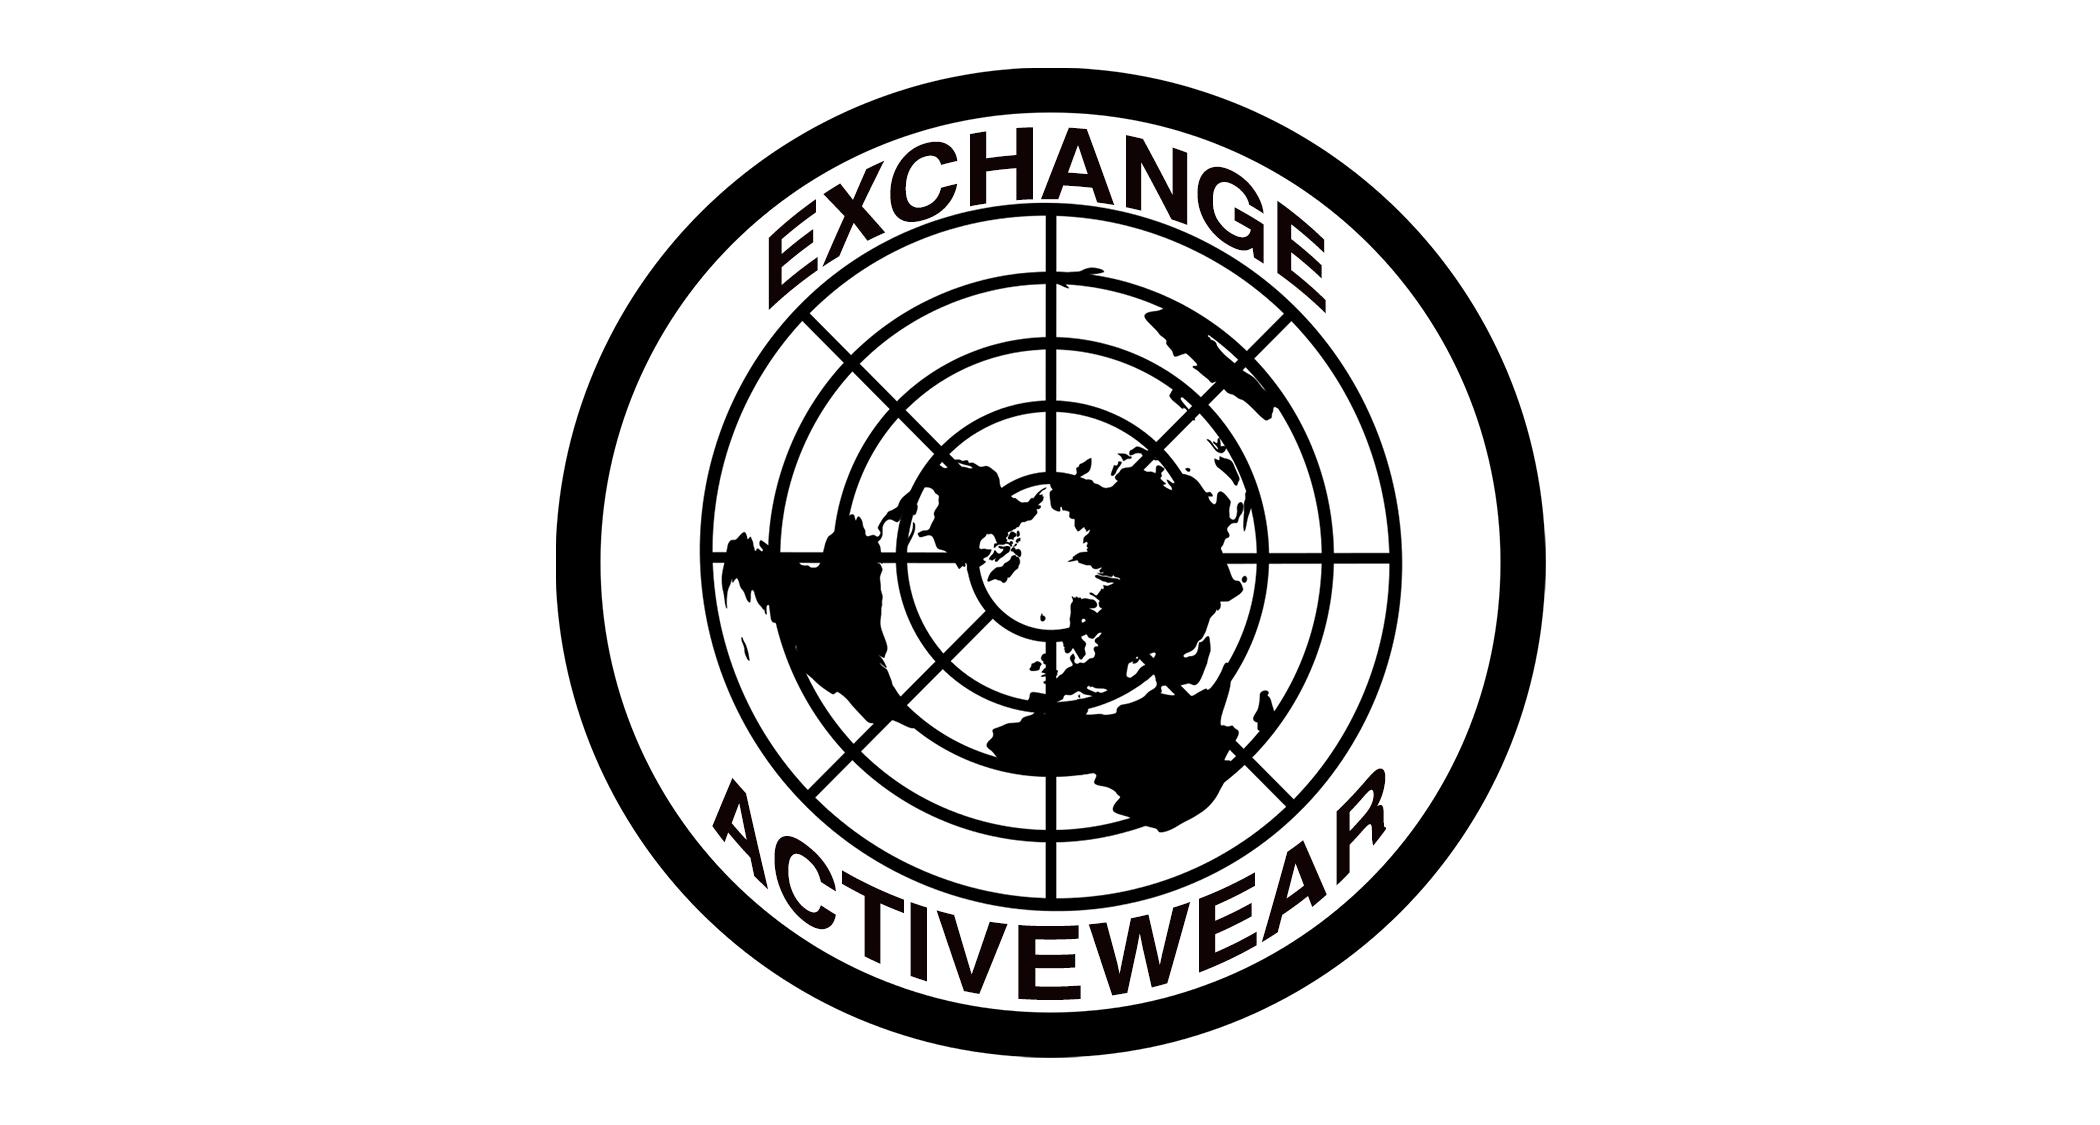 Exchangeactivewear0_2